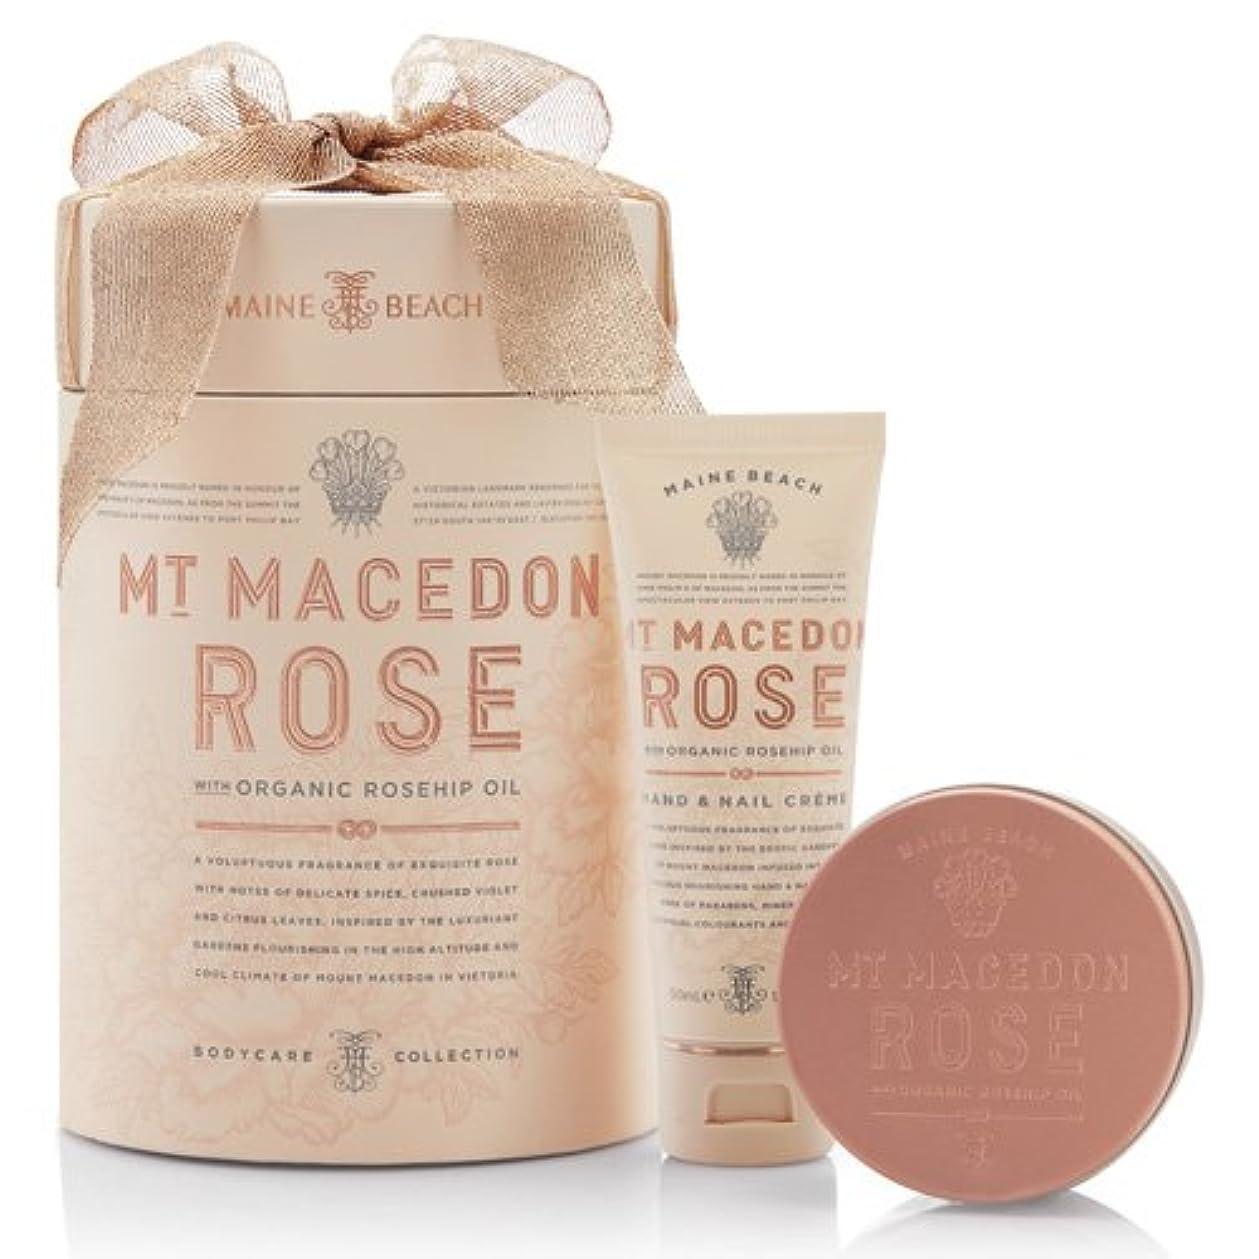 どれダイアクリティカル侮辱MAINE BEACH マインビーチ MT MACEDON ROSE マウント マセドン ローズ Duo Gift Pack